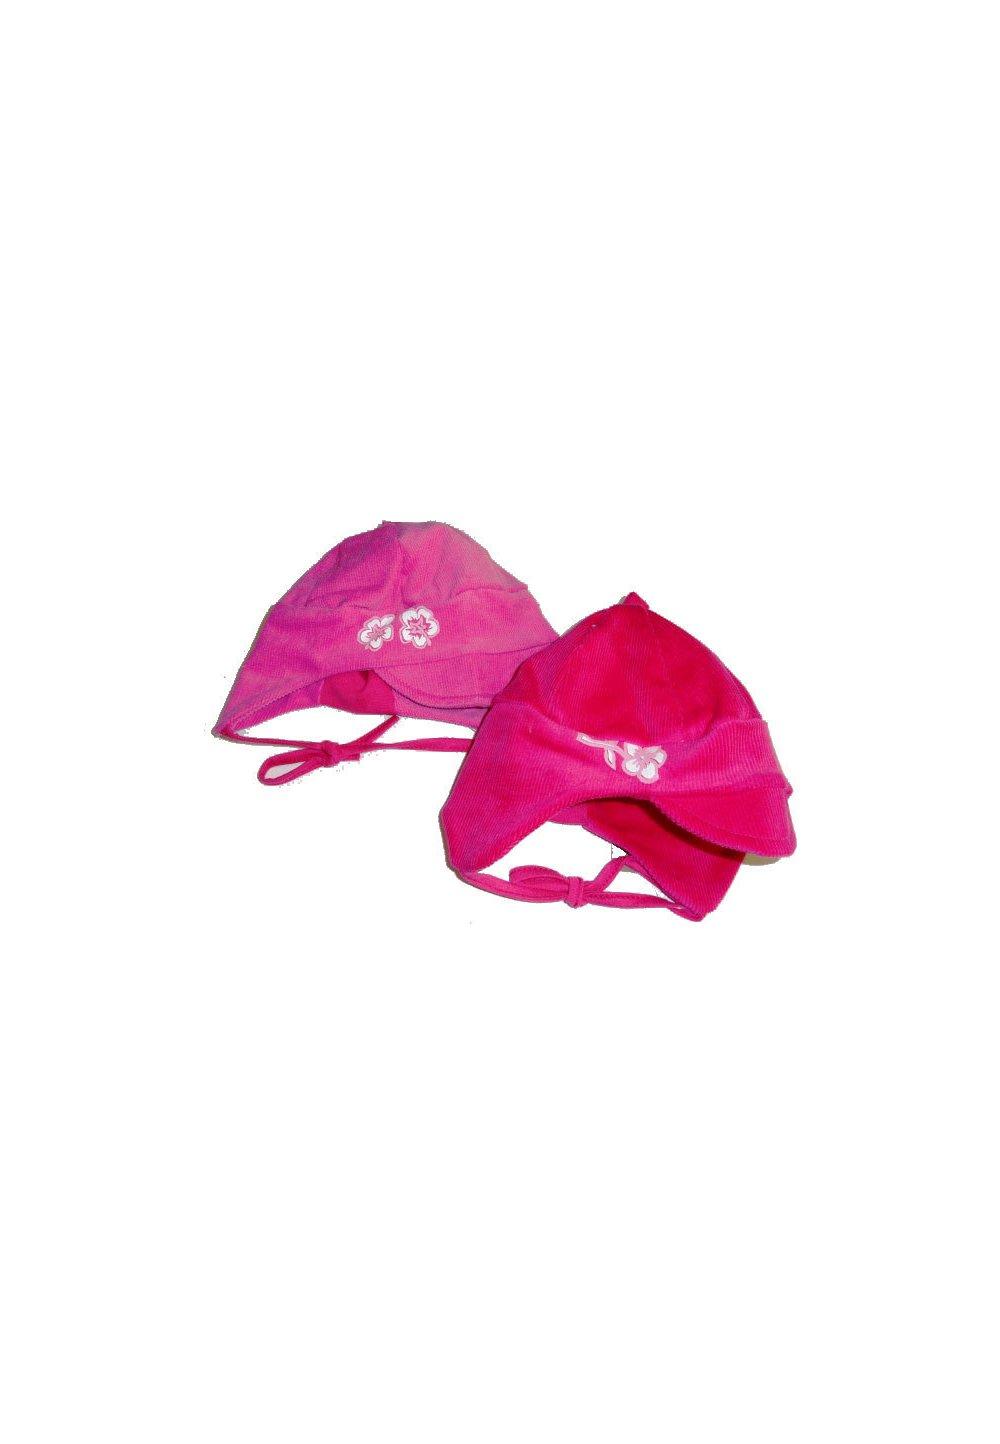 Bascuta catifea roz imagine